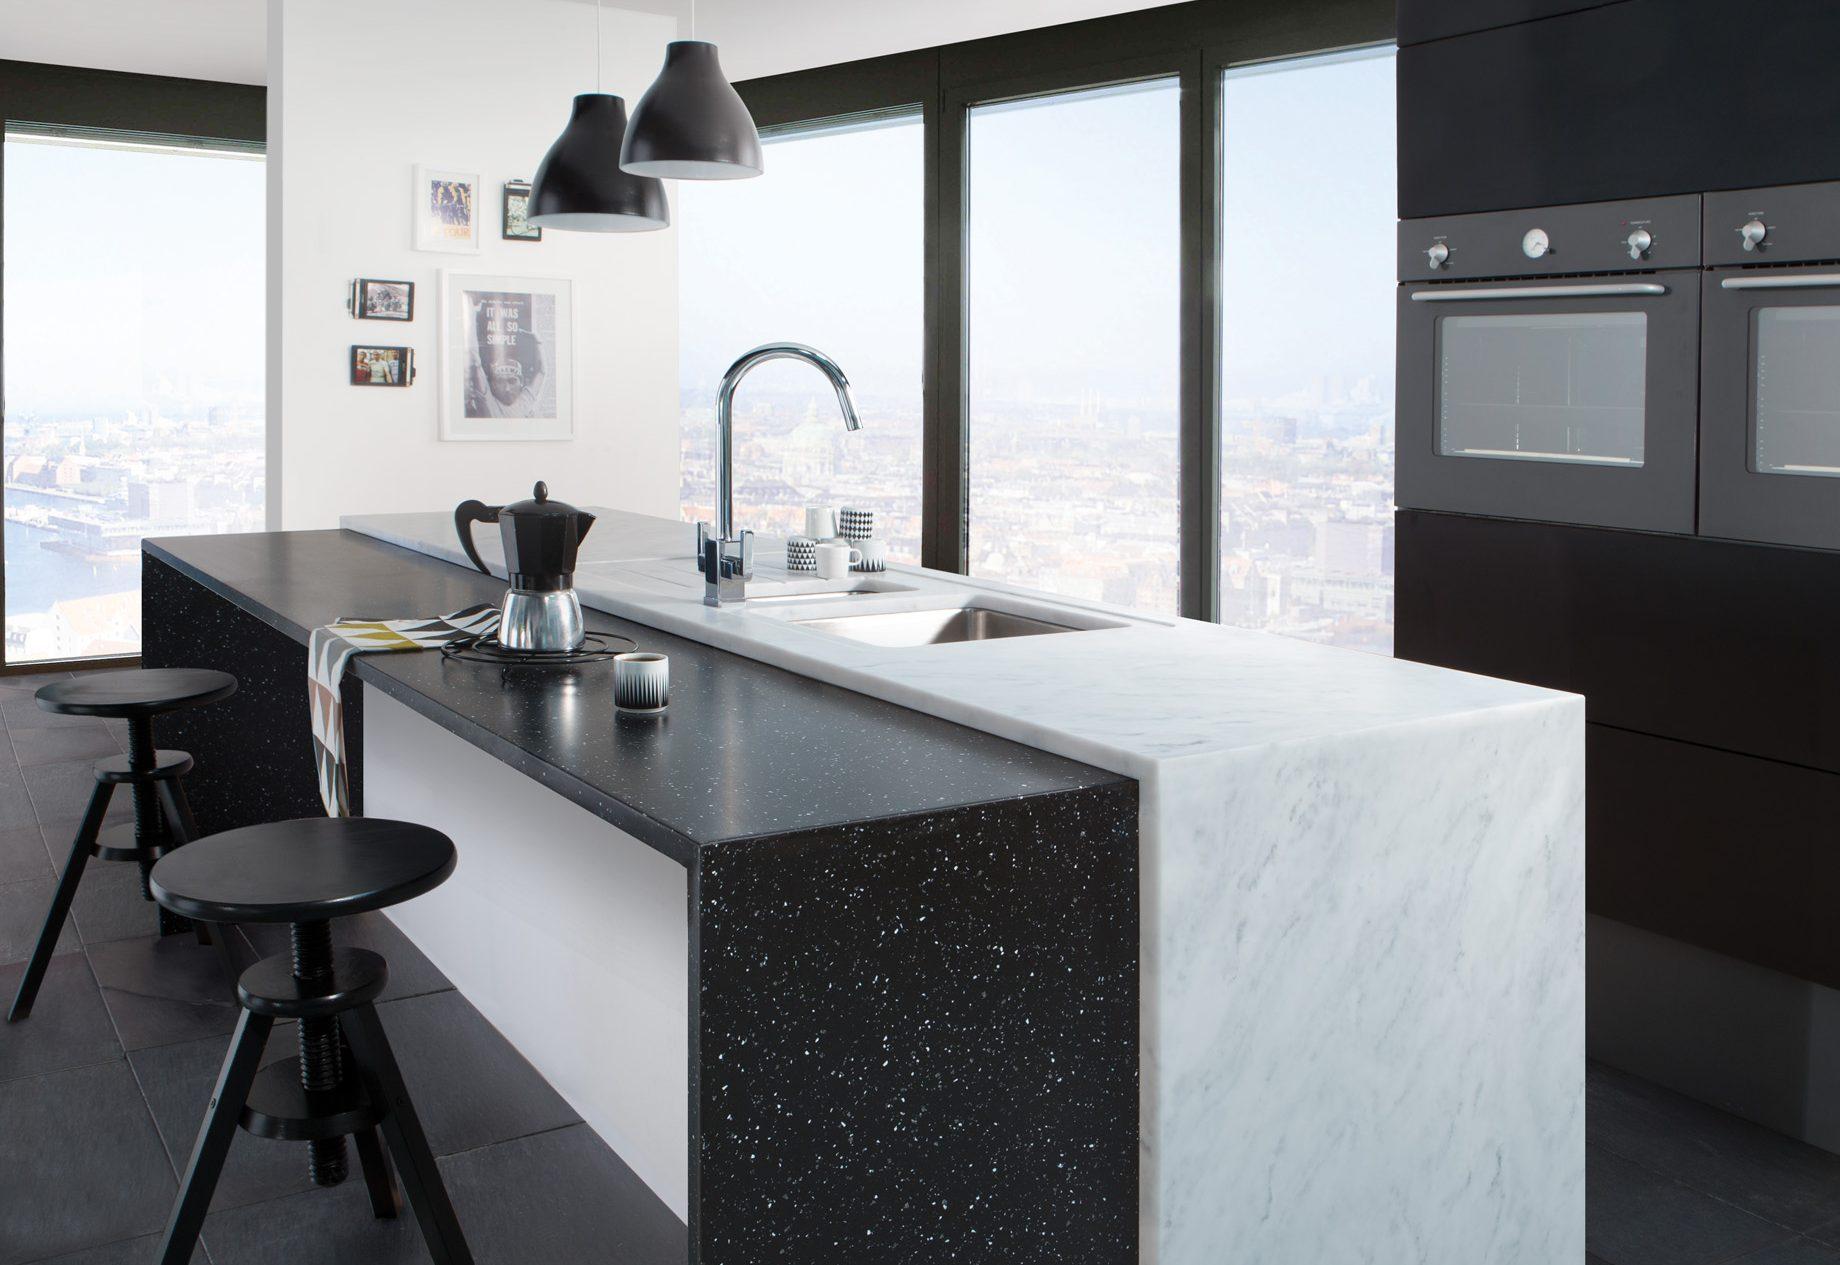 Carrara and Black Granite Worksurface